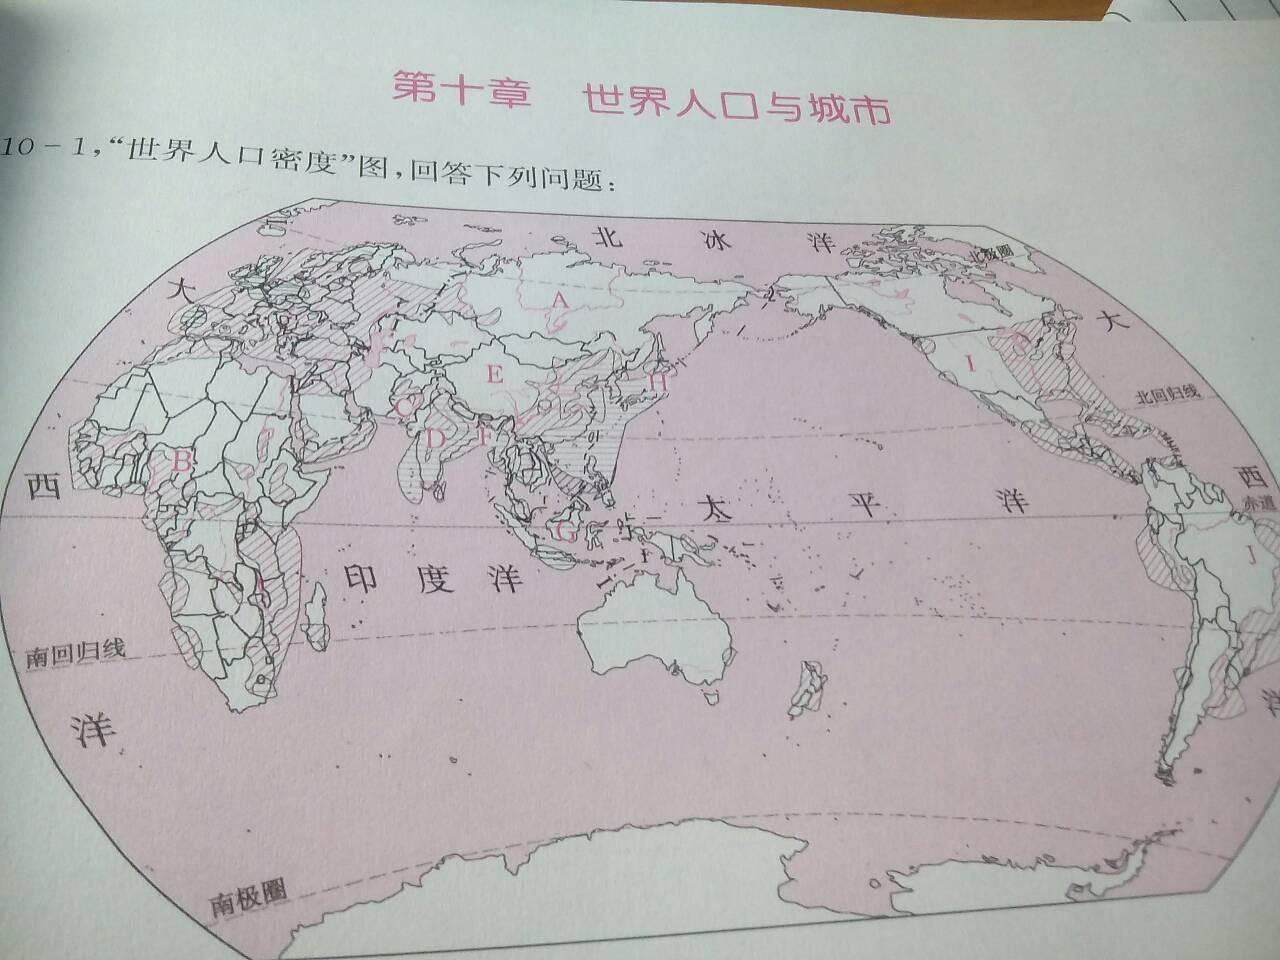 人口稀疏地区_东半球与西半球的分界线是 和 读做 和 题目和参考答案 青夏教